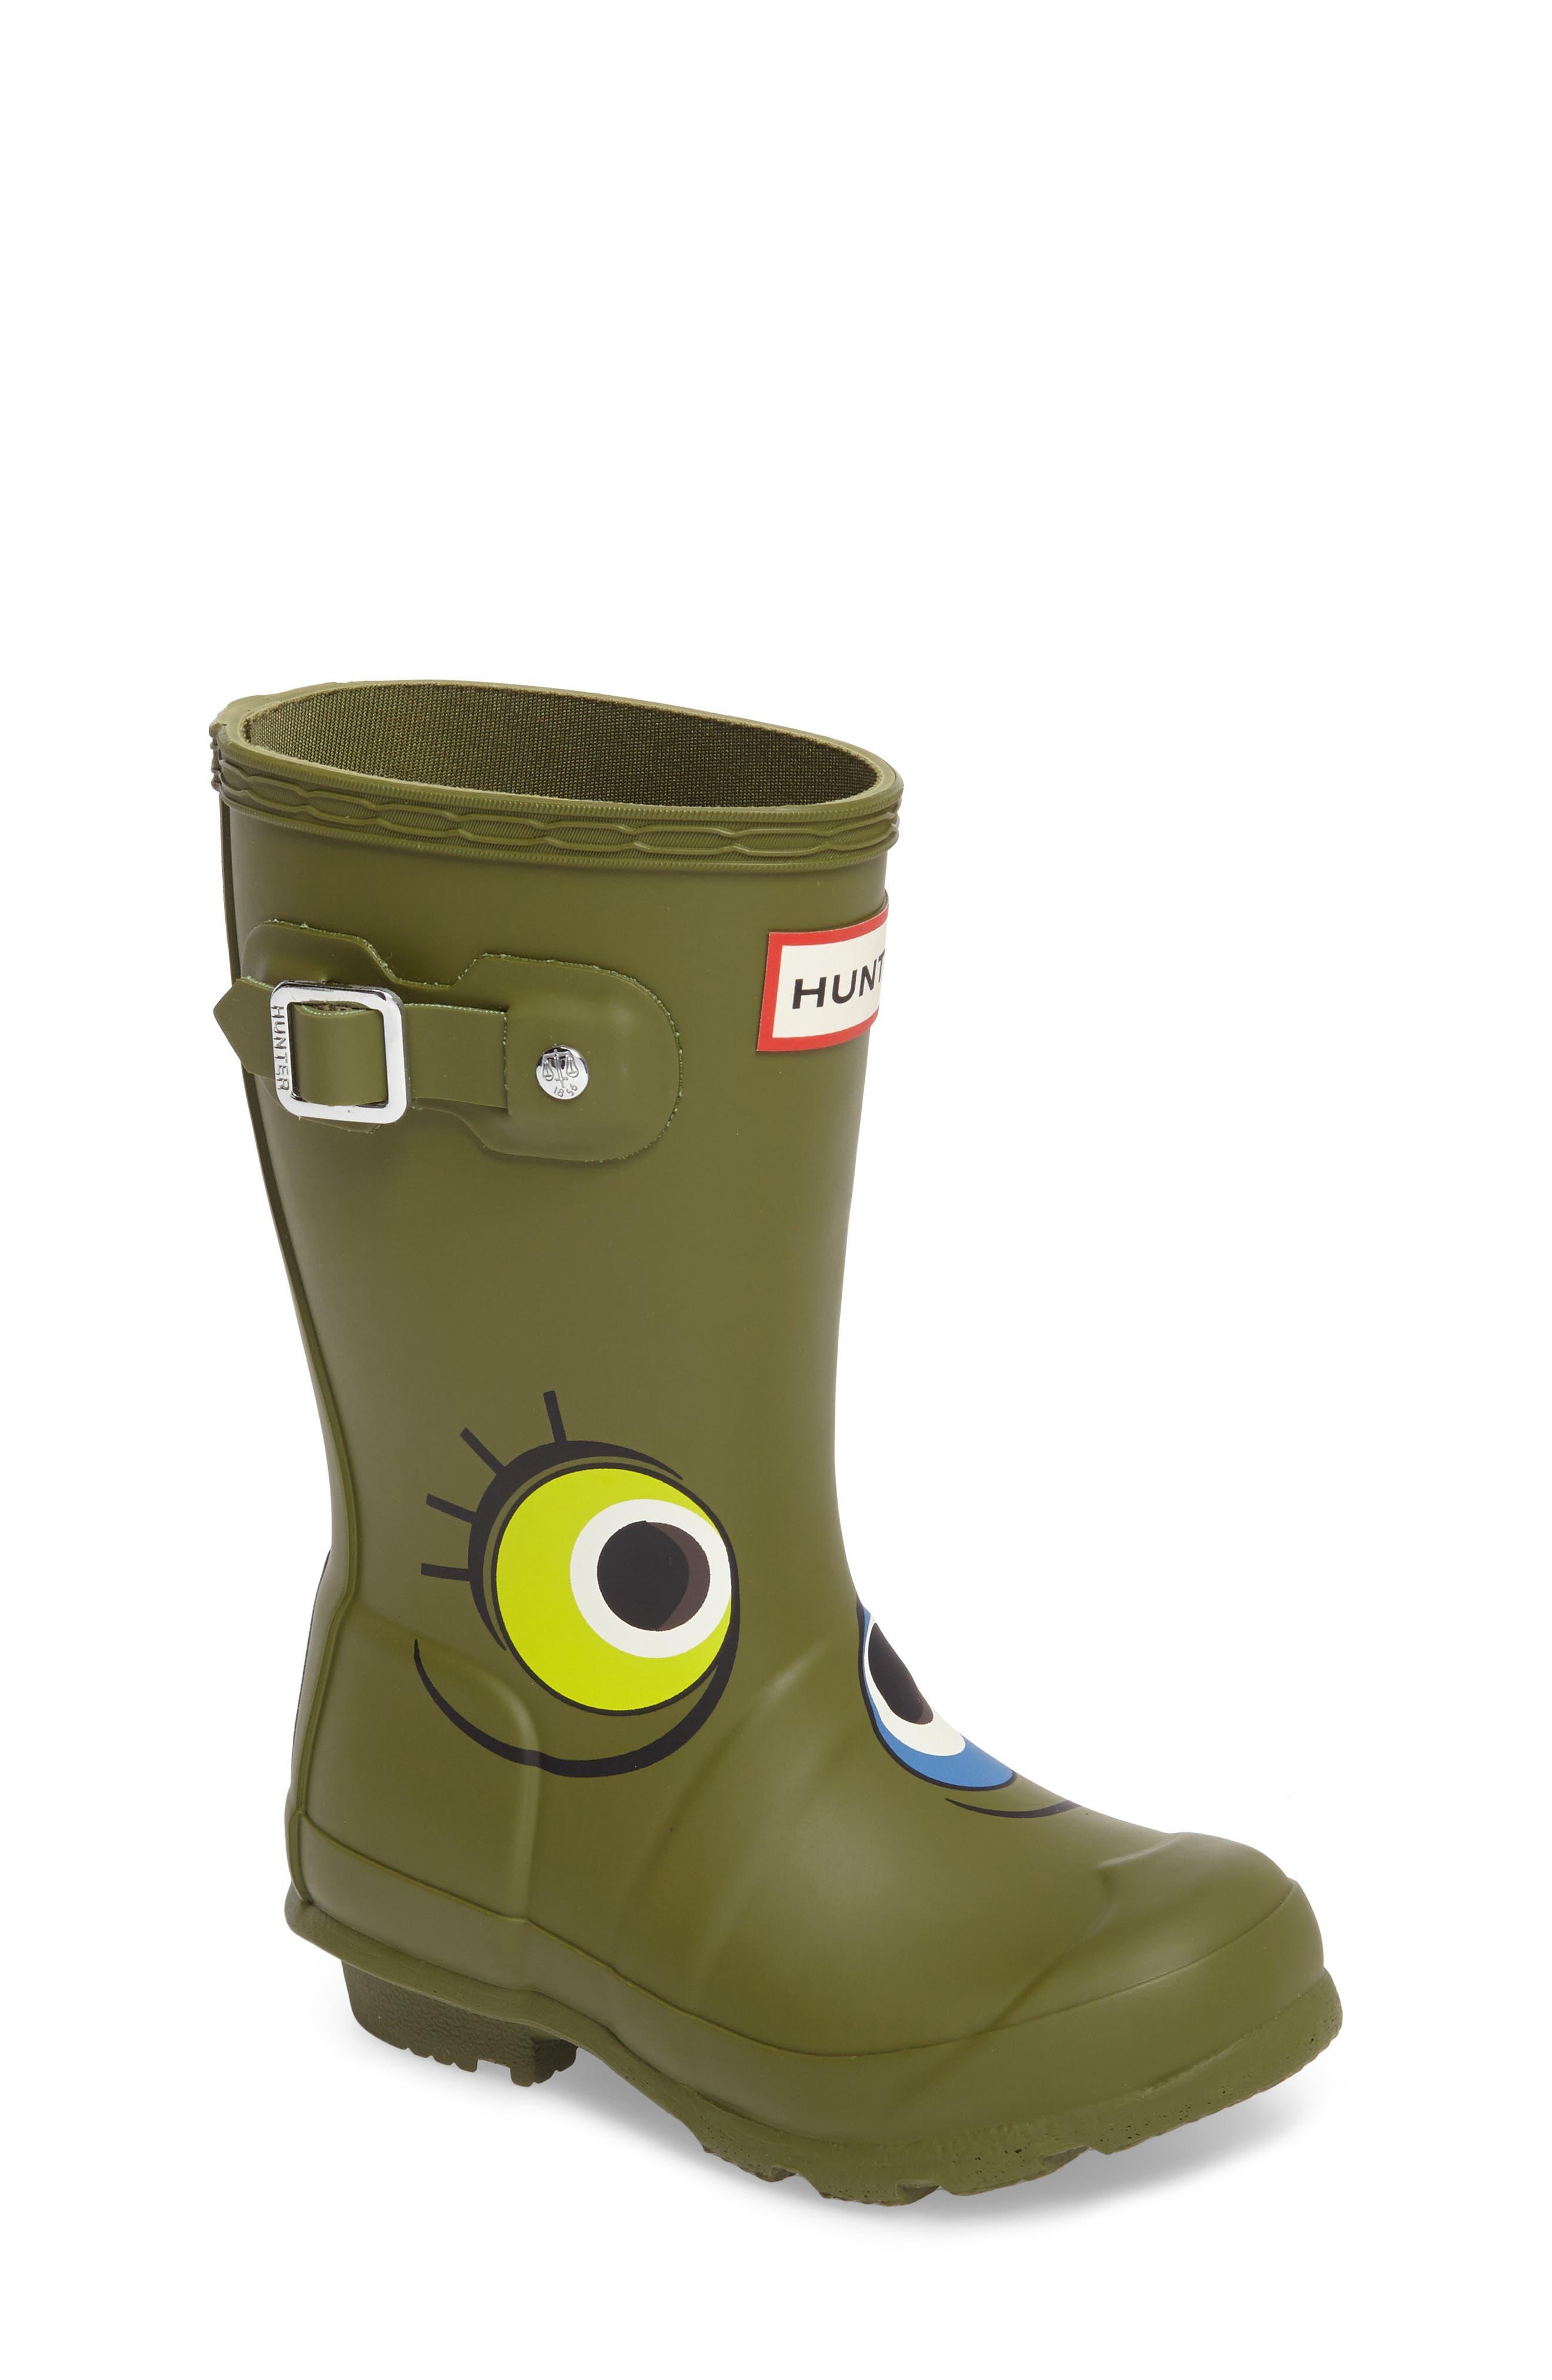 Alternate Image 1 Selected - Hunter Alien Waterproof Rain Boot (Toddler)